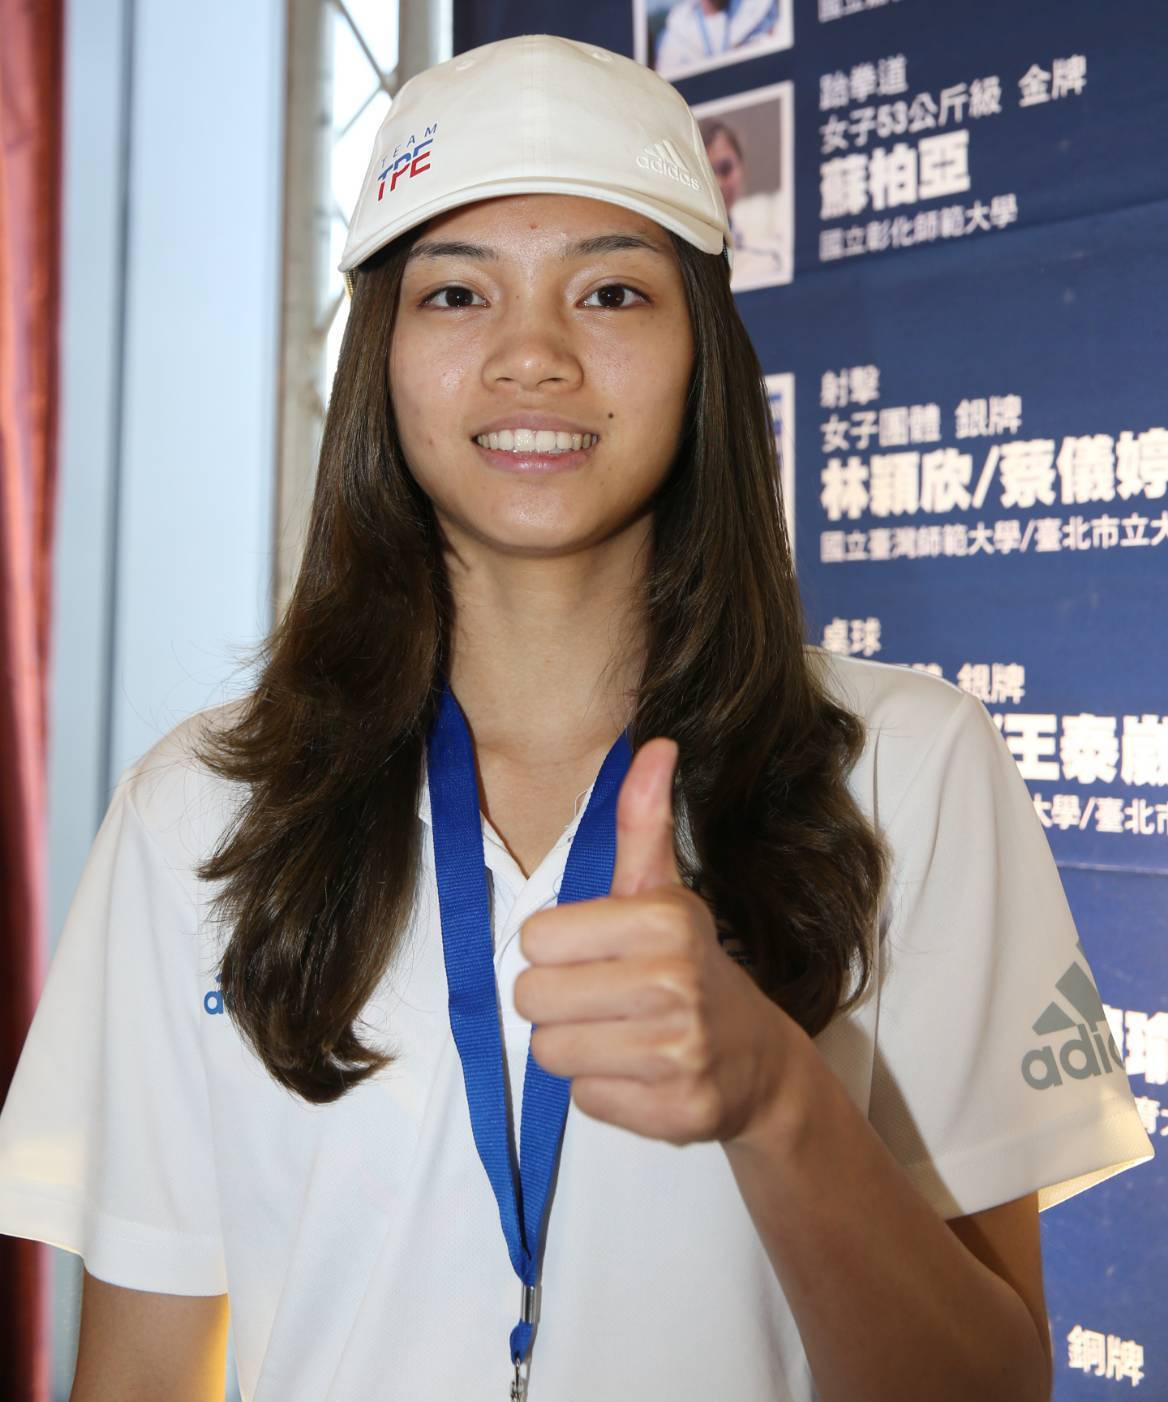 蘇柏亞是今年拿坡里世大運唯一拿下2金的中華代表團選手。記者侯永全/攝影